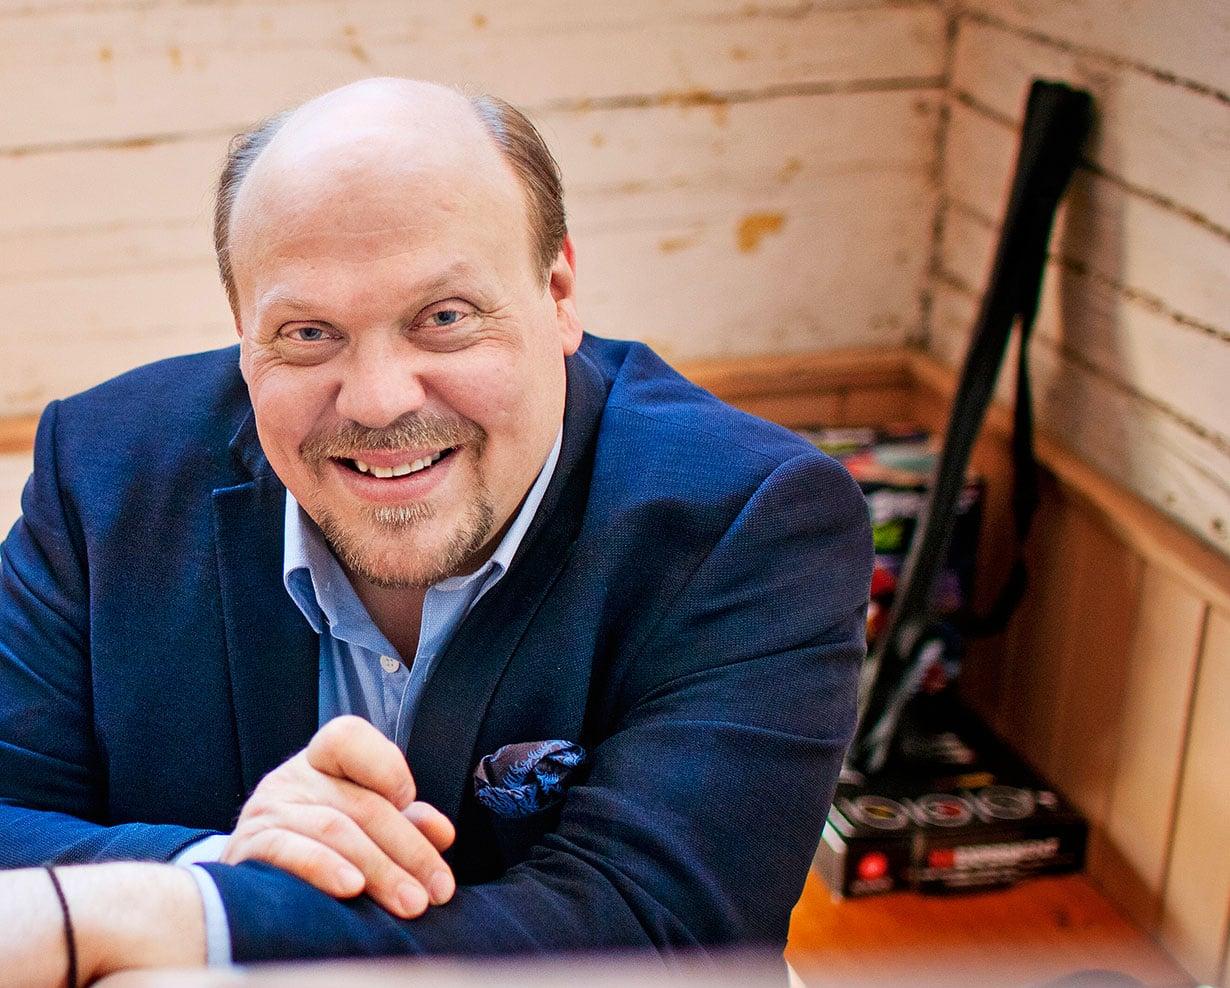 – Toivon, että voisin kirjoittaa pidempiä jaksoja ulkomailla. Suomen talvet ovat alkaneet käydä aika raskaiksi, Hannu-Pekka Björkman miettii.